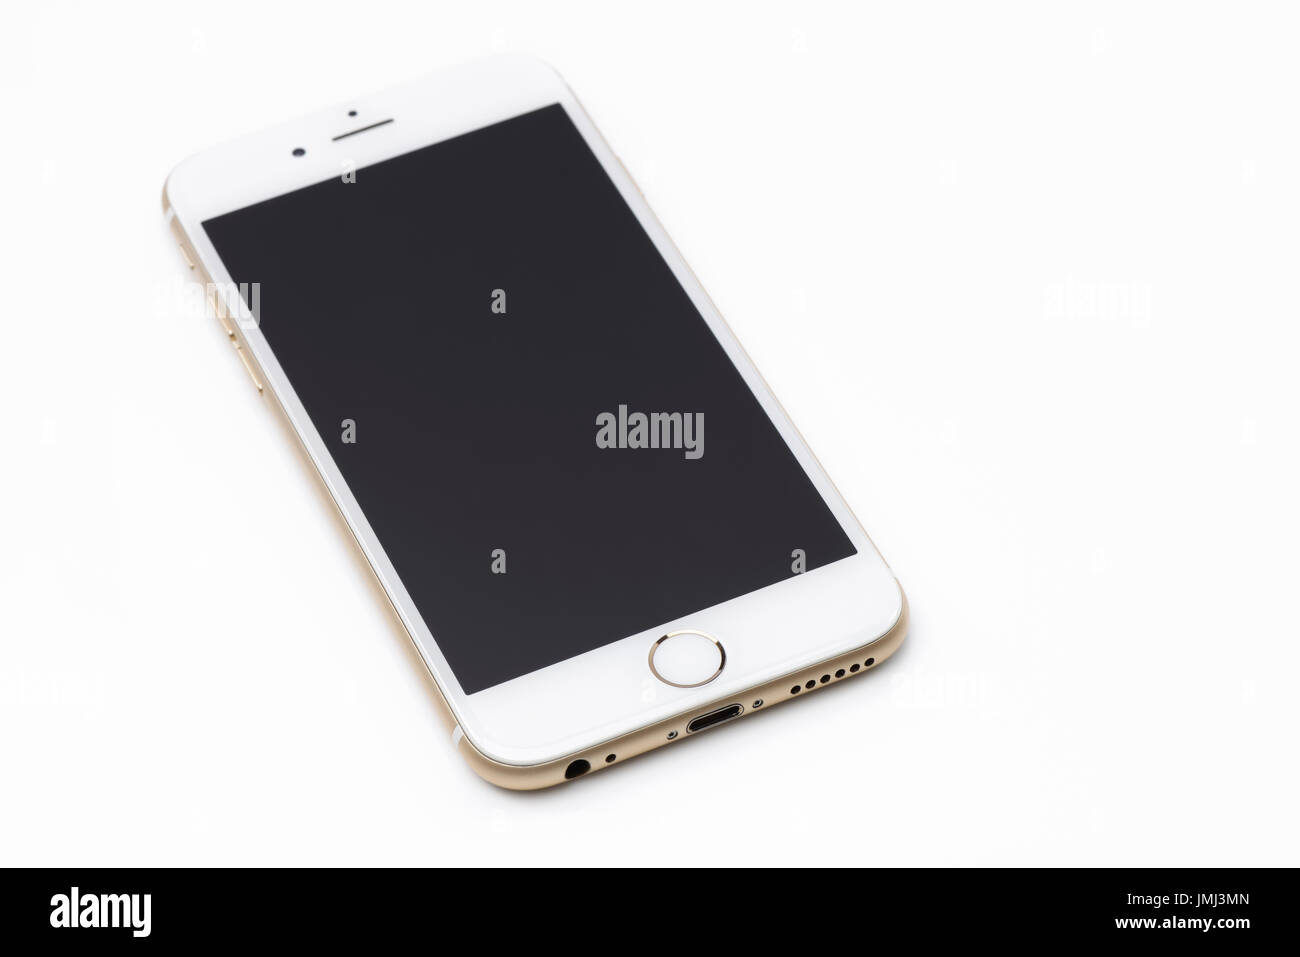 O ouro branco apple iphone 6 6s com visor preto em branco deitado o ouro branco apple iphone 6 6s com visor preto em branco deitado isolado em fundo branco altavistaventures Choice Image